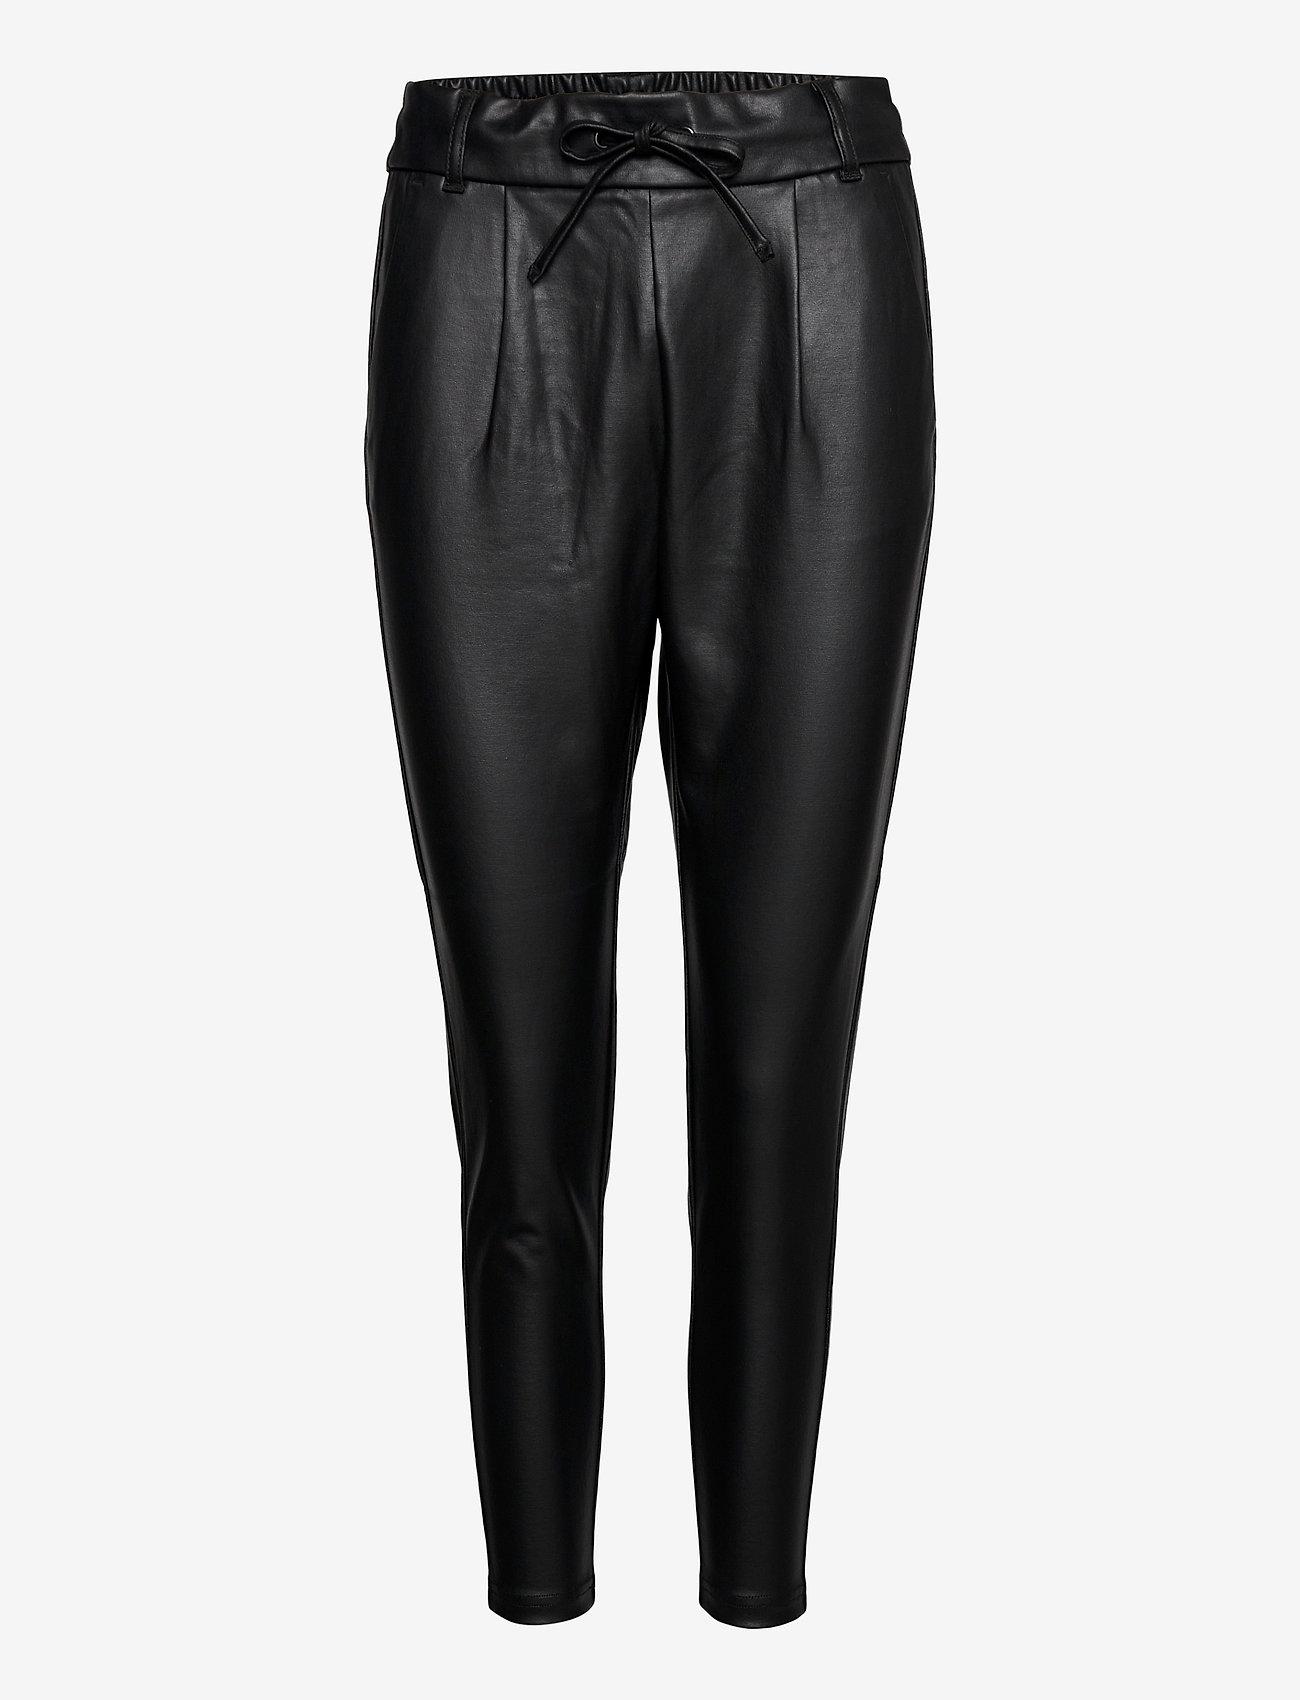 ONLY - ONLPOPTRASH EASY COATED PANT PNT - læderbukser - black - 0